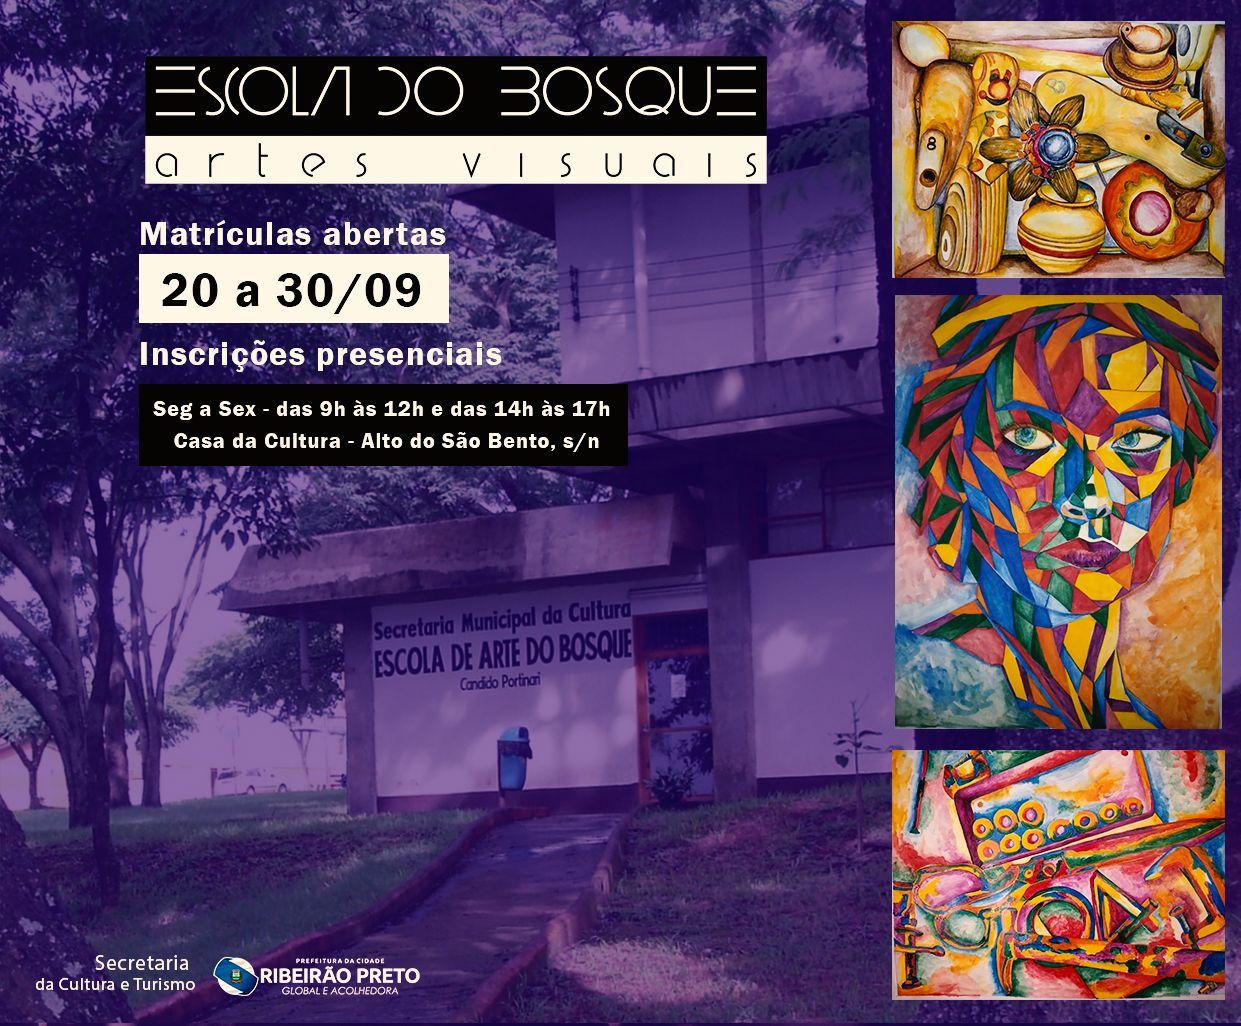 Revide, Escola de Arte Cândido Portinari abre novas turmas presenciais em Ribeirão Preto , educação, arte, Ribeirão Preto, Cândido Portinari